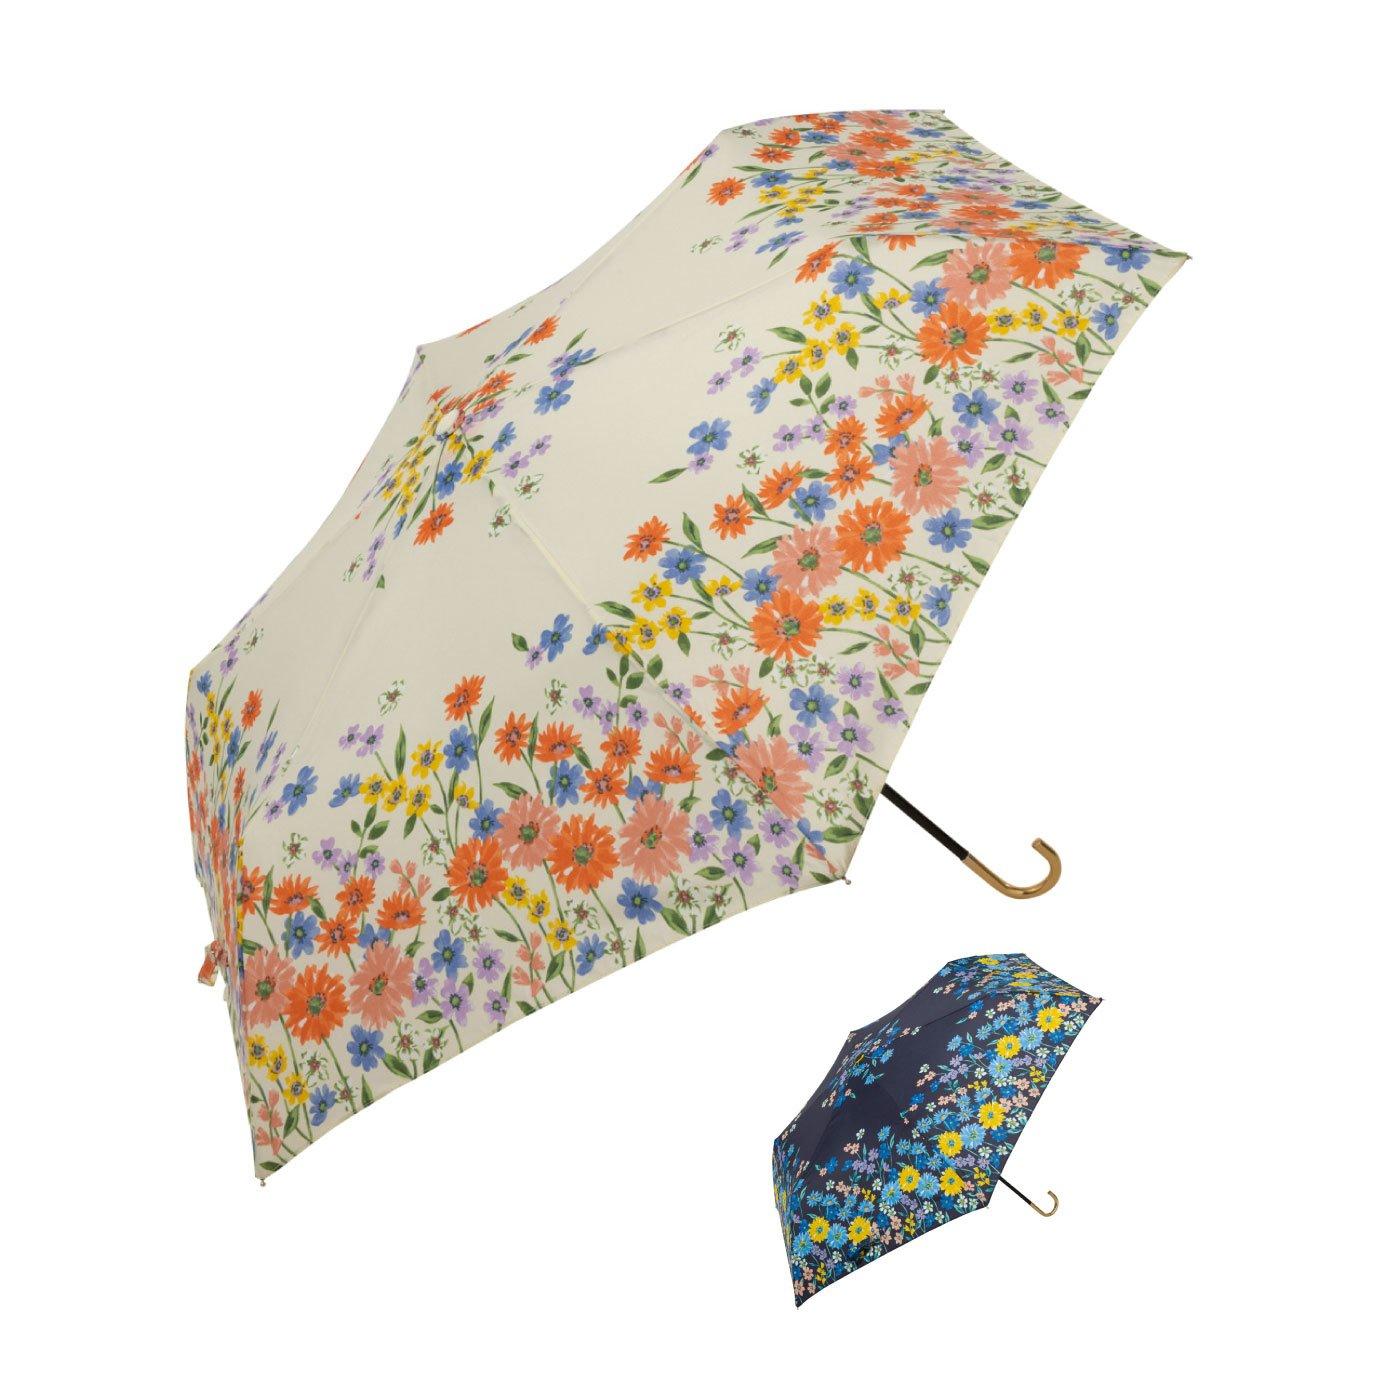 ボタニカルムードな花柄折りたたみ傘